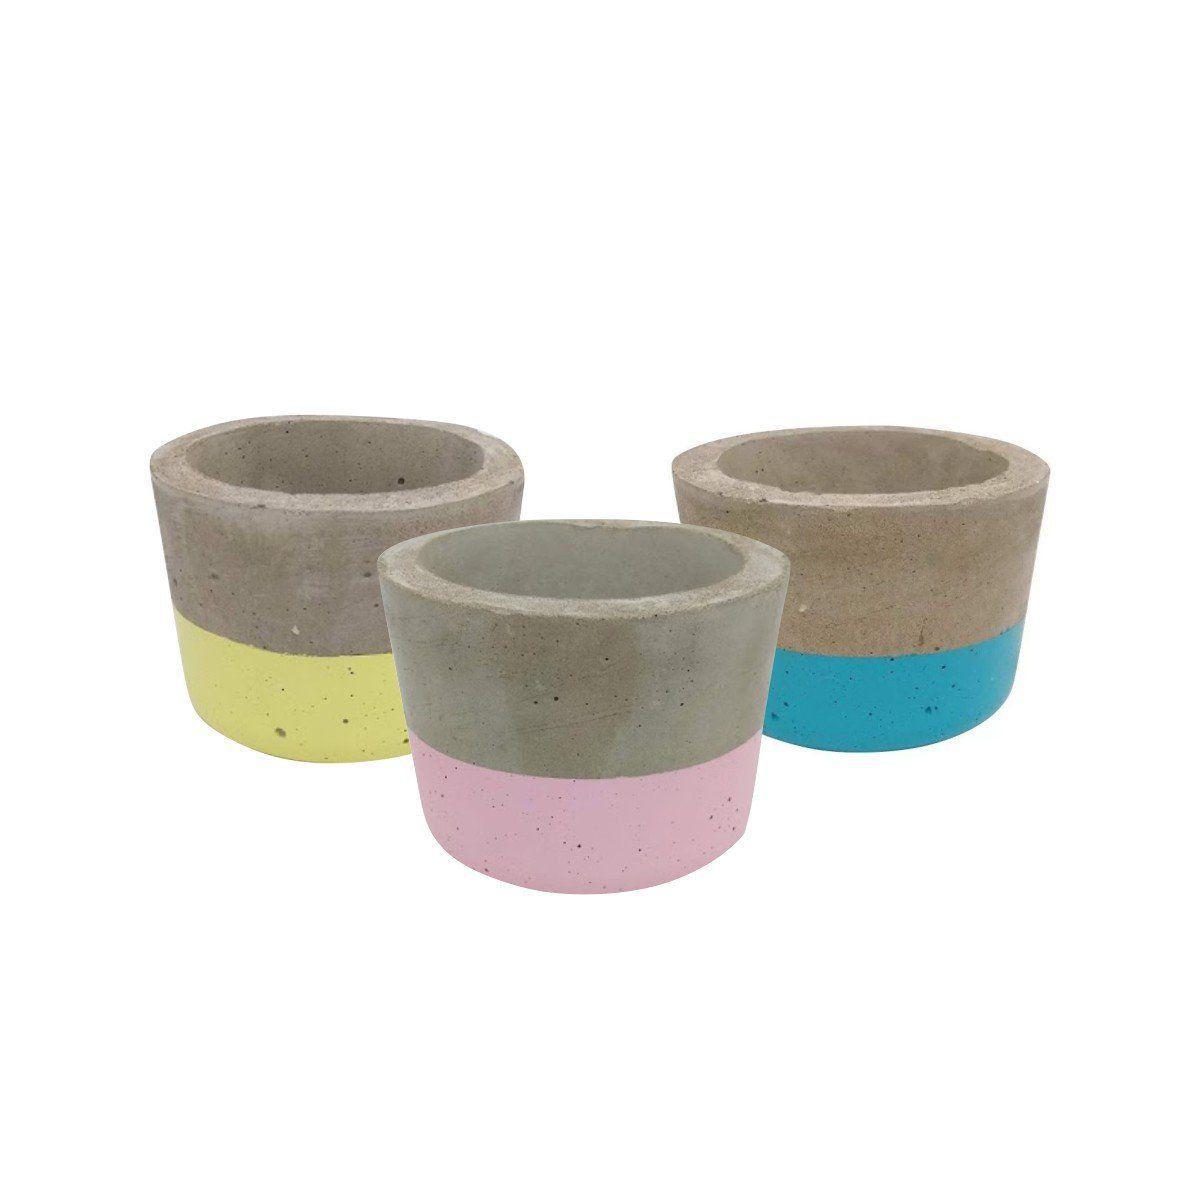 Kit 3 vasos de cimento 5,5cm x 8,5cm MD060606AMATRS